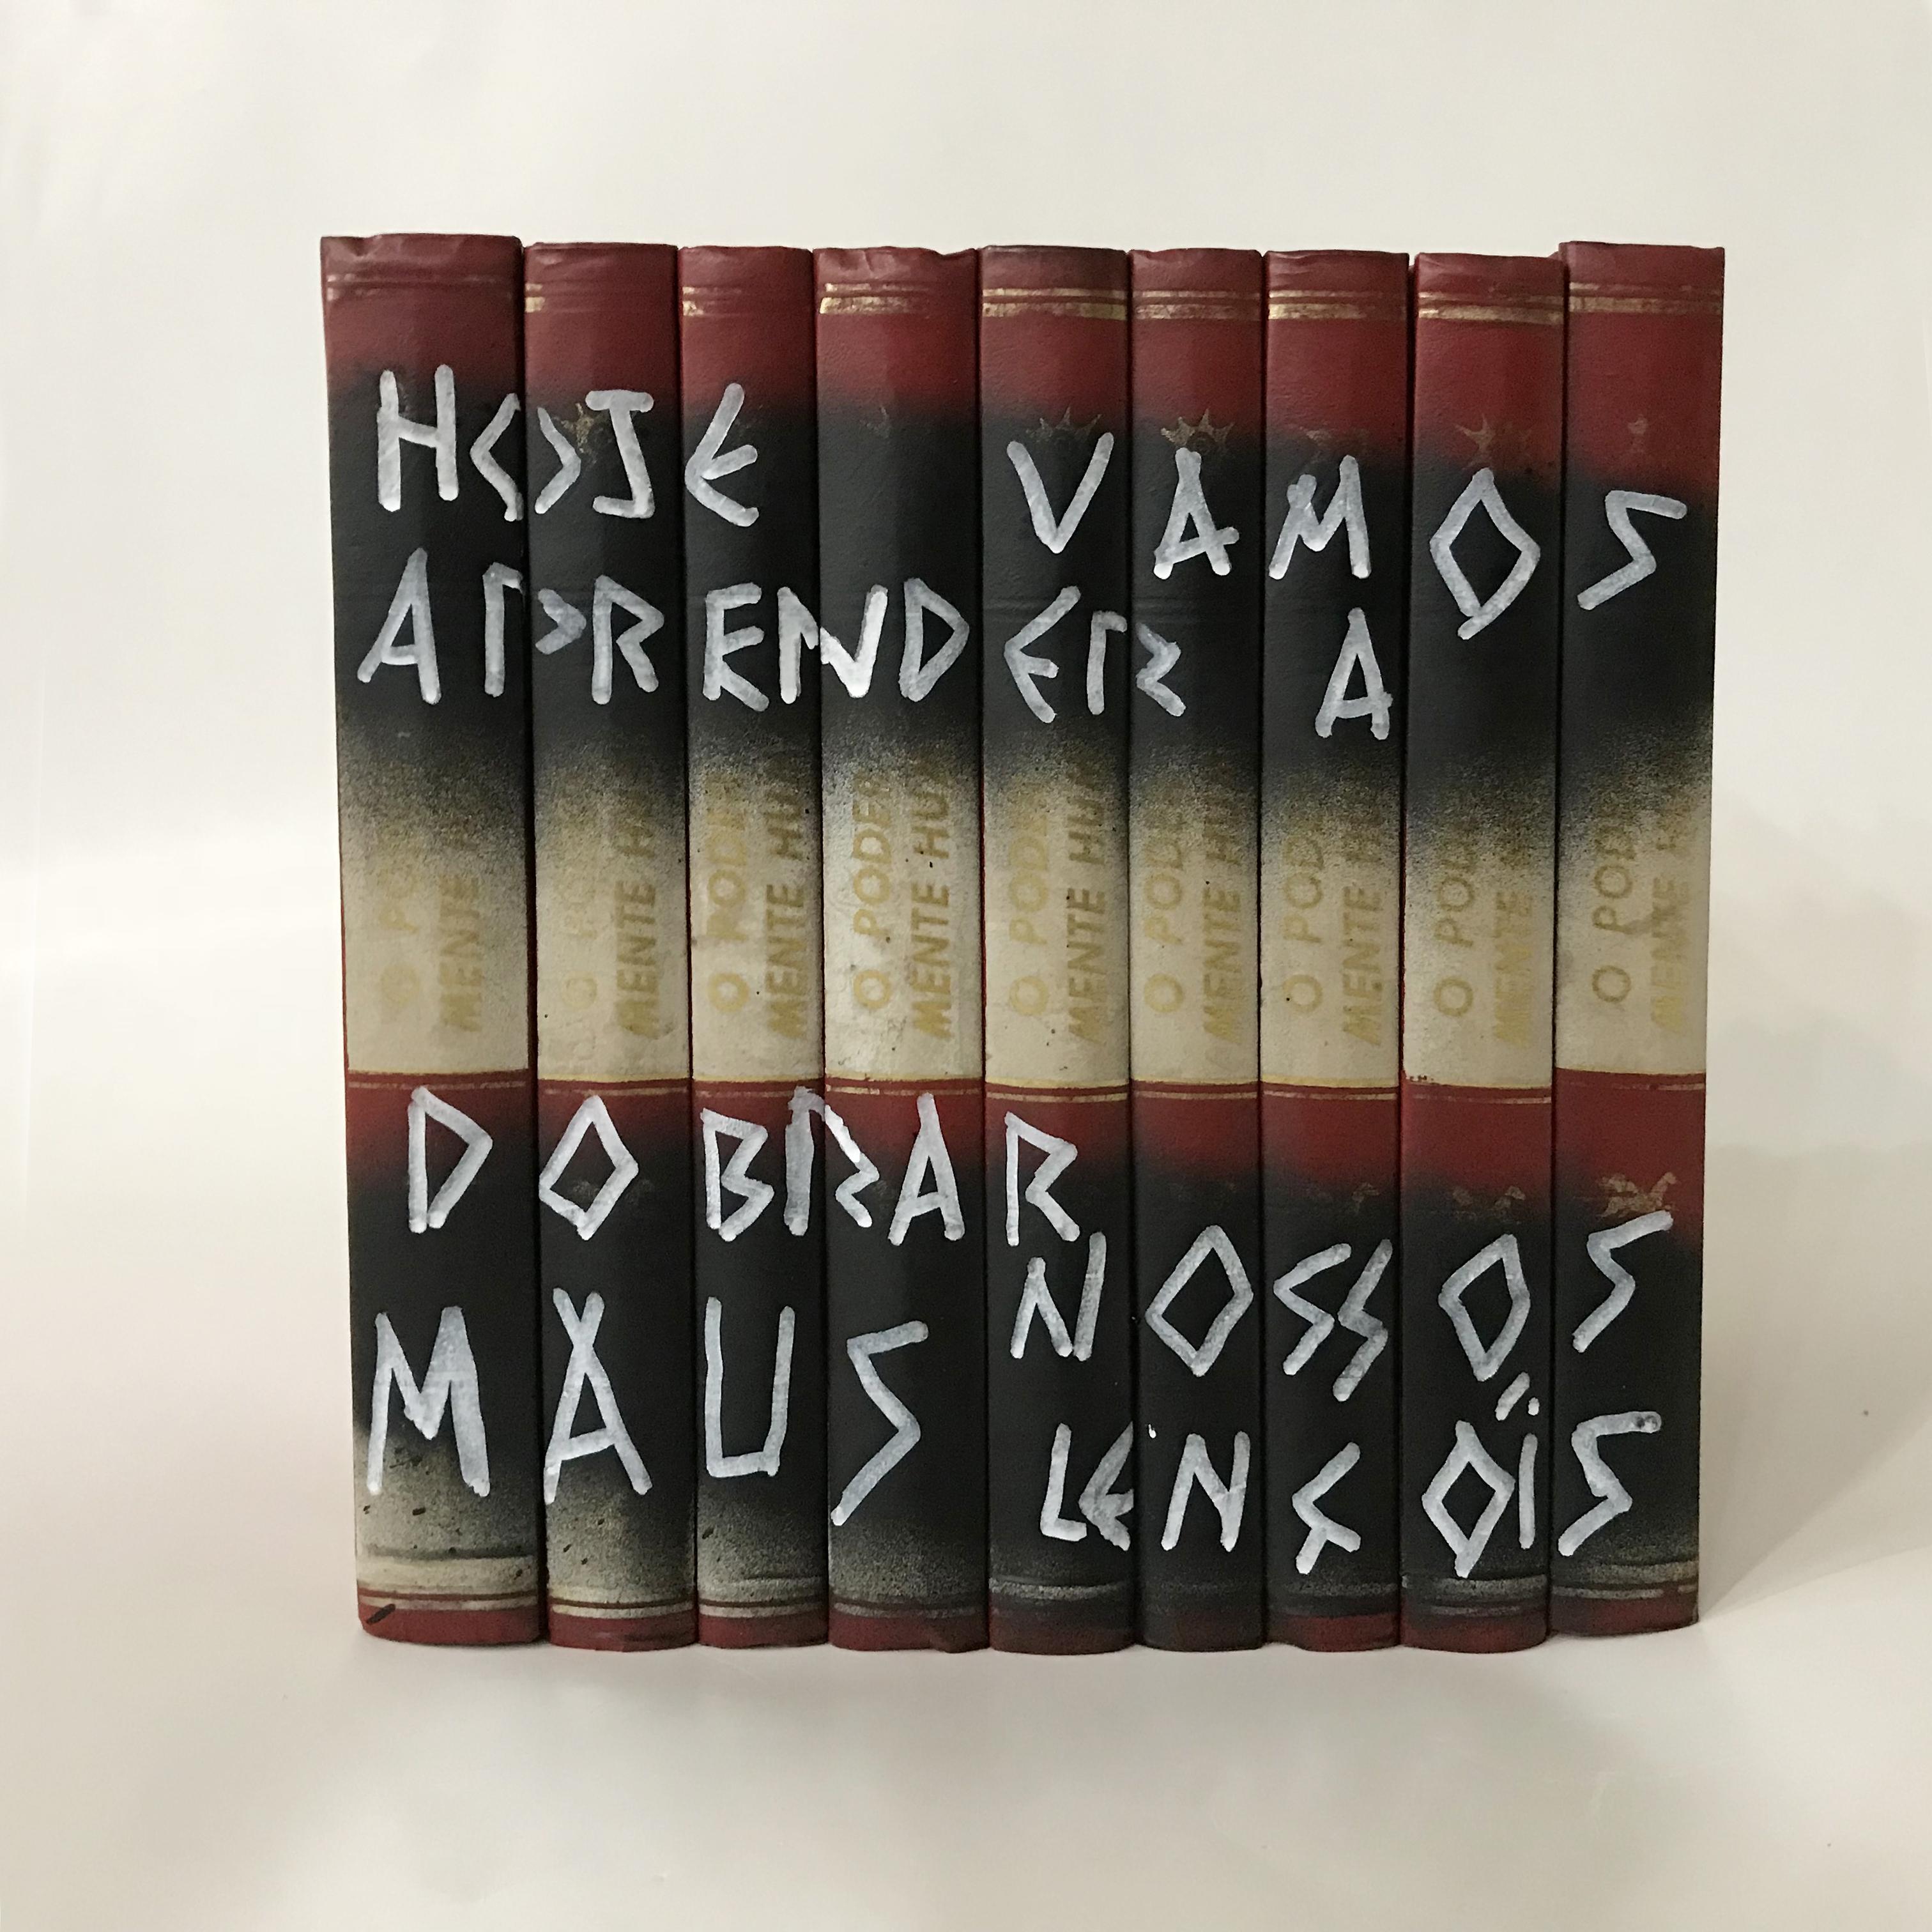 Livros da familia da artista